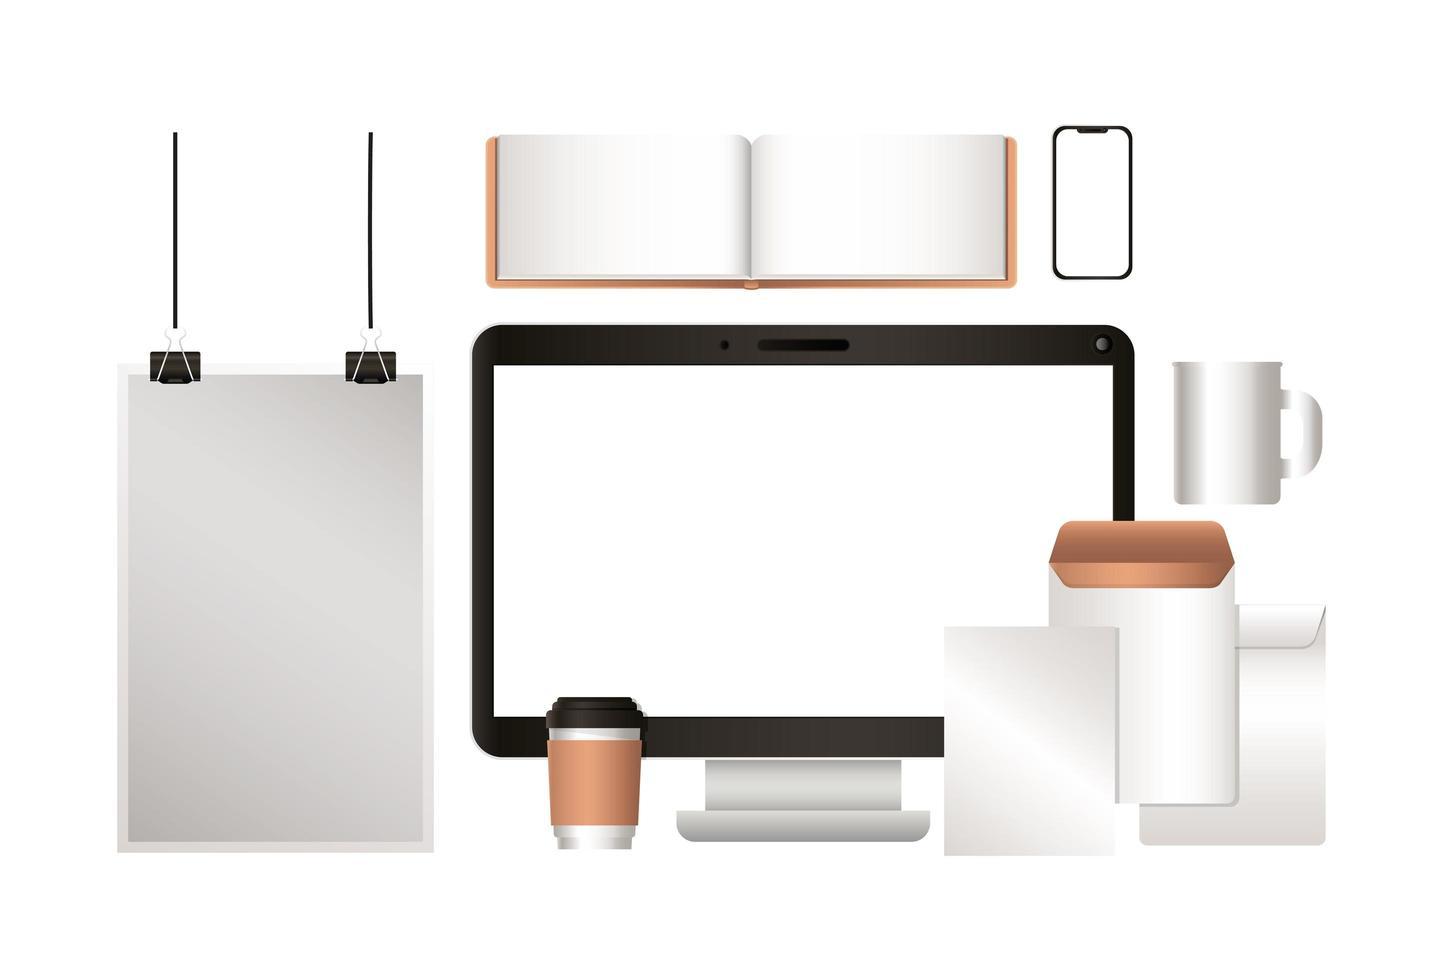 mockup computer notebook enveloppen en koffiemokken ontwerp vector